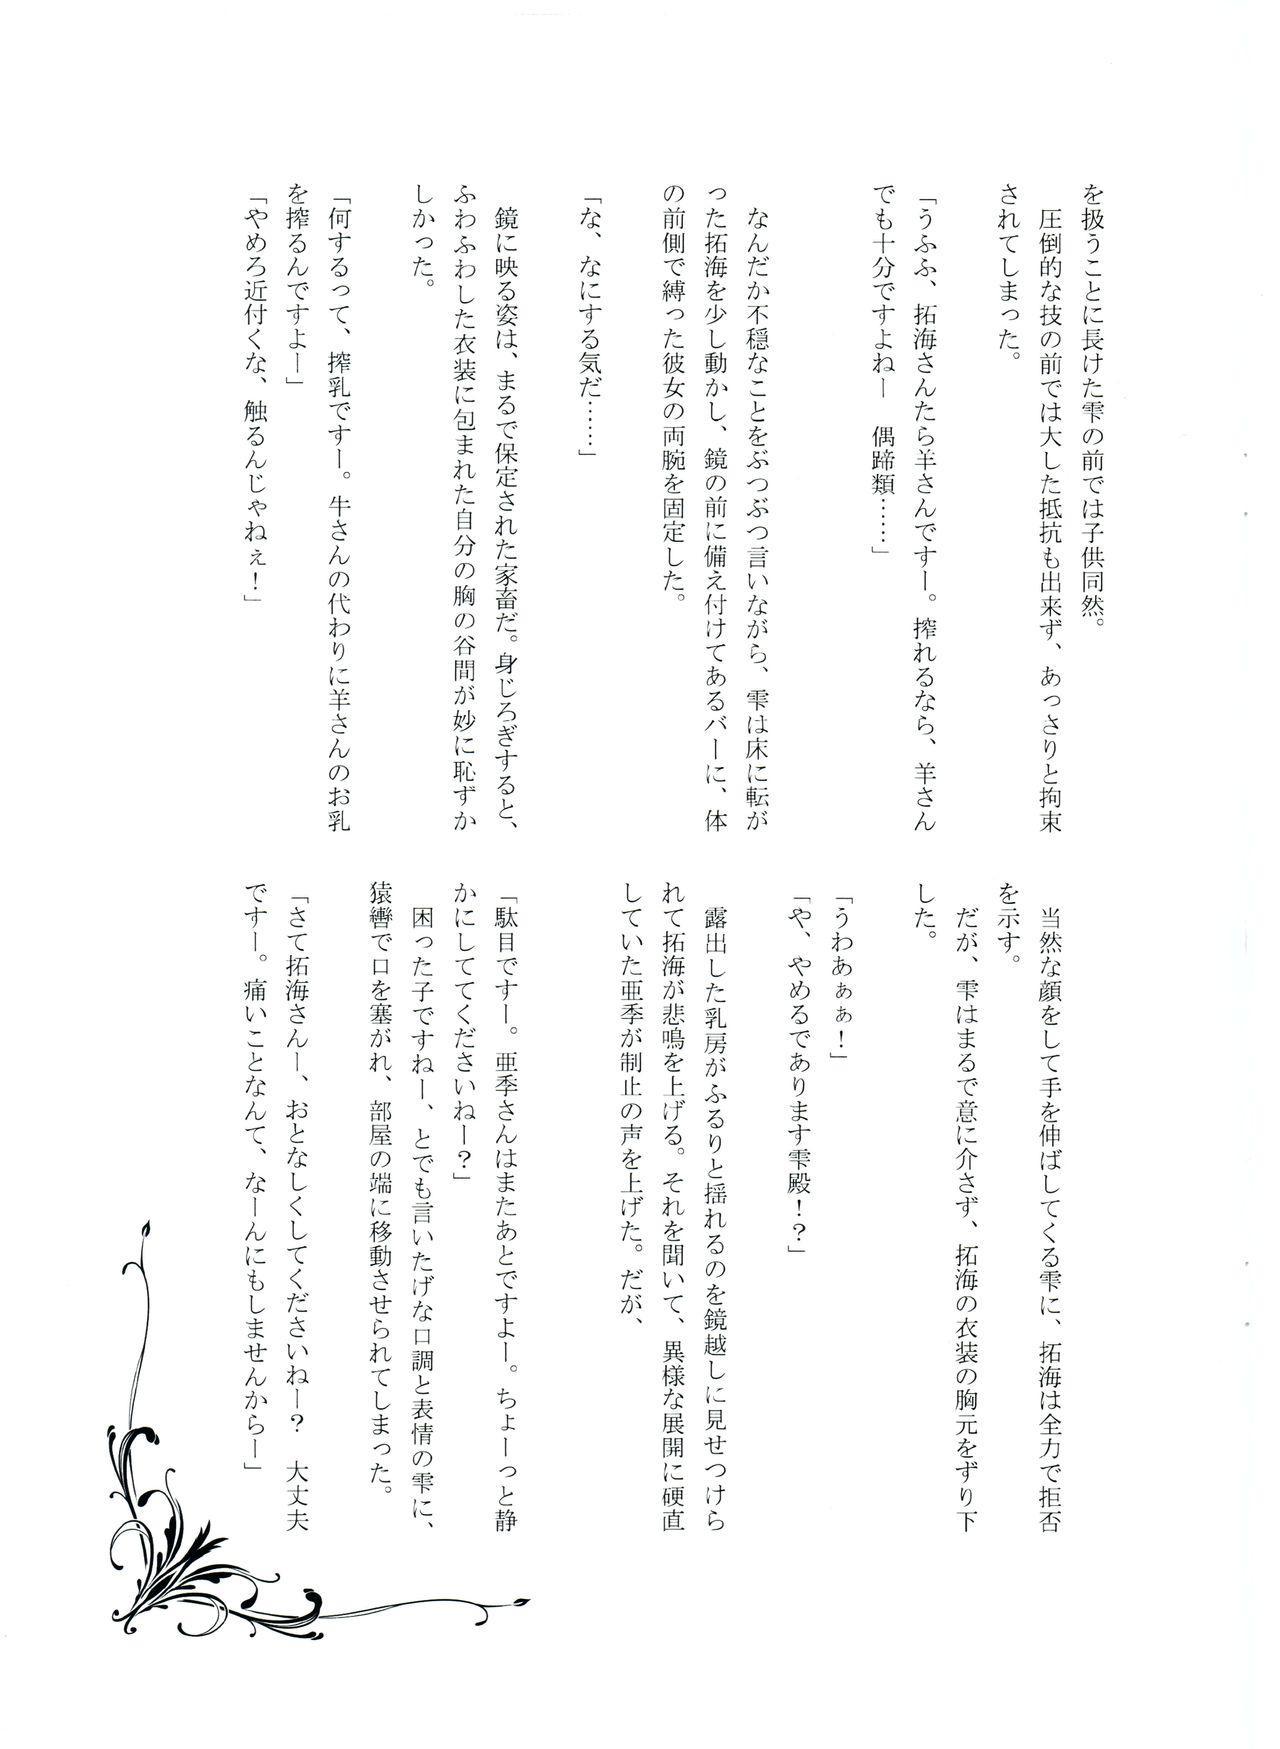 Shizuku Challenge! Takumin Hitsuji-san no Chichishibori! RX 10